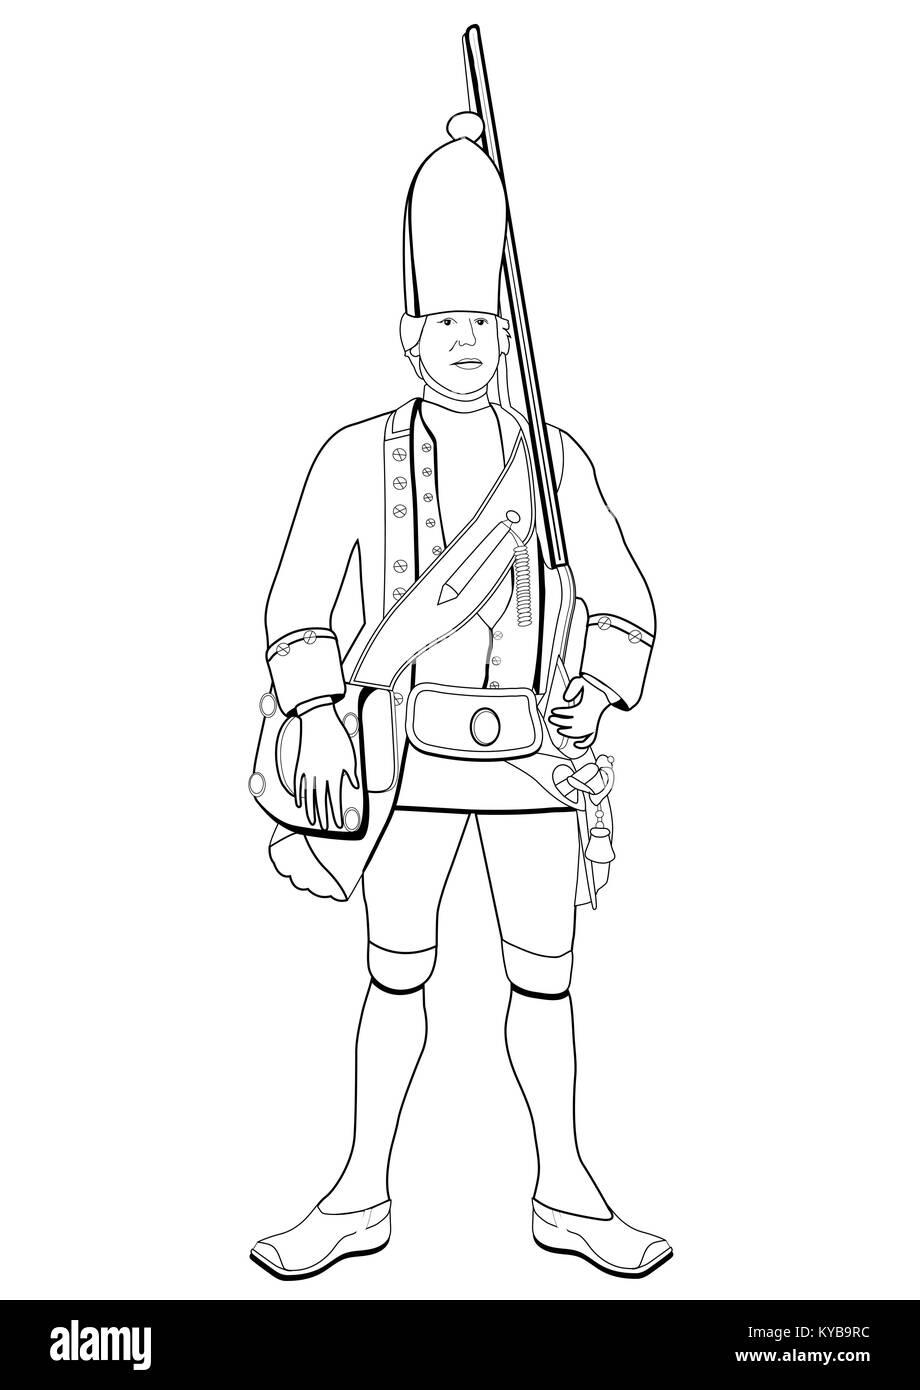 Granadero, vector de dibujo para colorear. Soldado vestido con ...